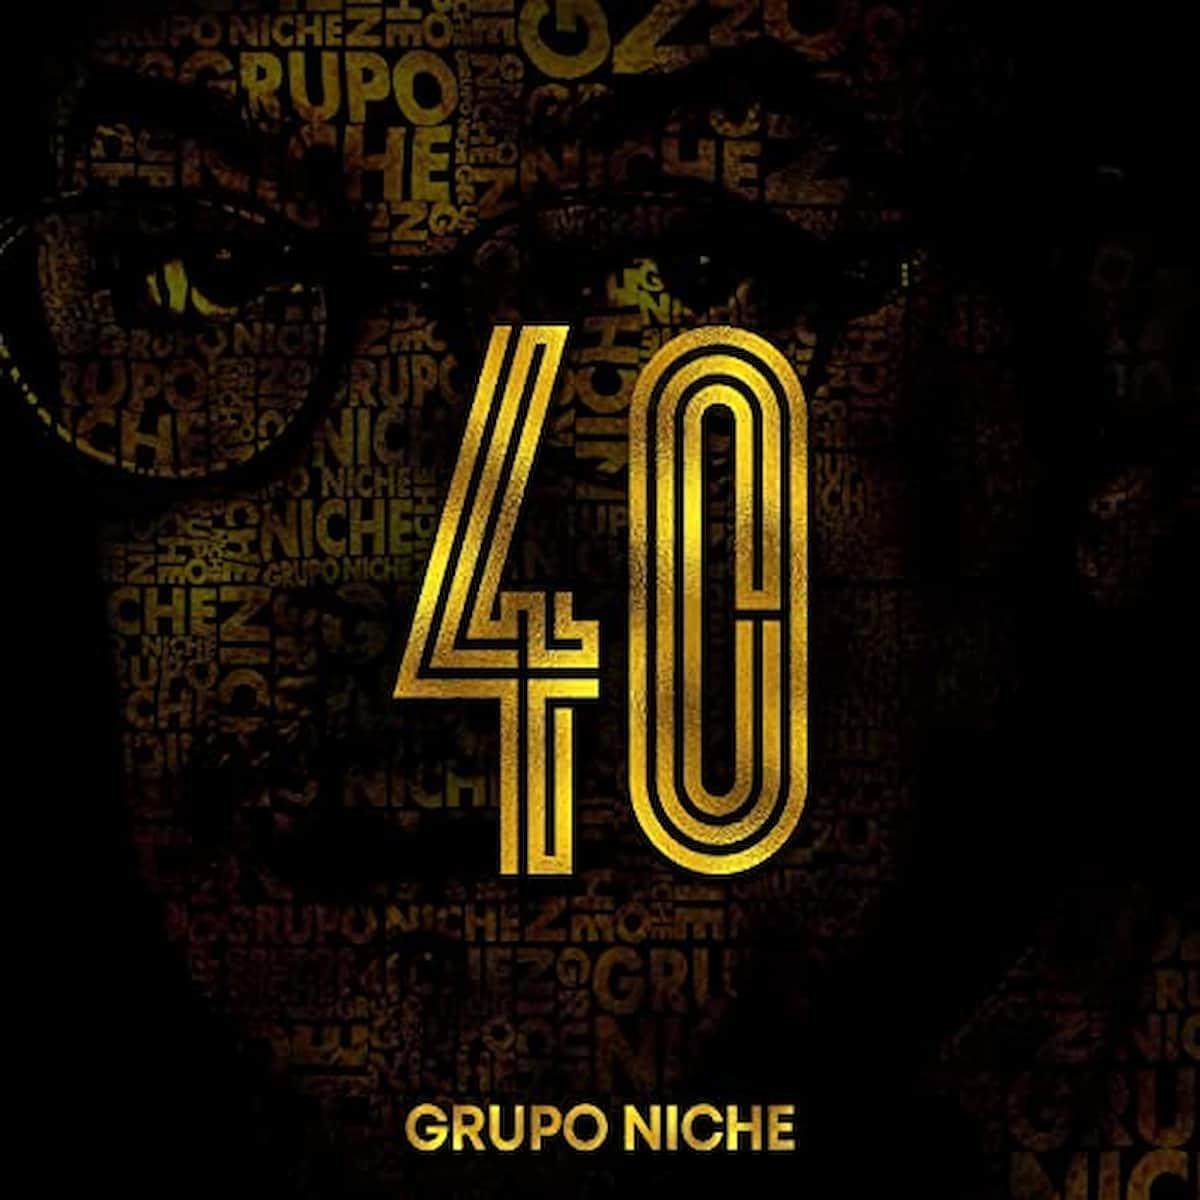 Grupo Niche gewinnt den Salsa-Grammy 2021 (Kategorie Tropical Latin Albums)